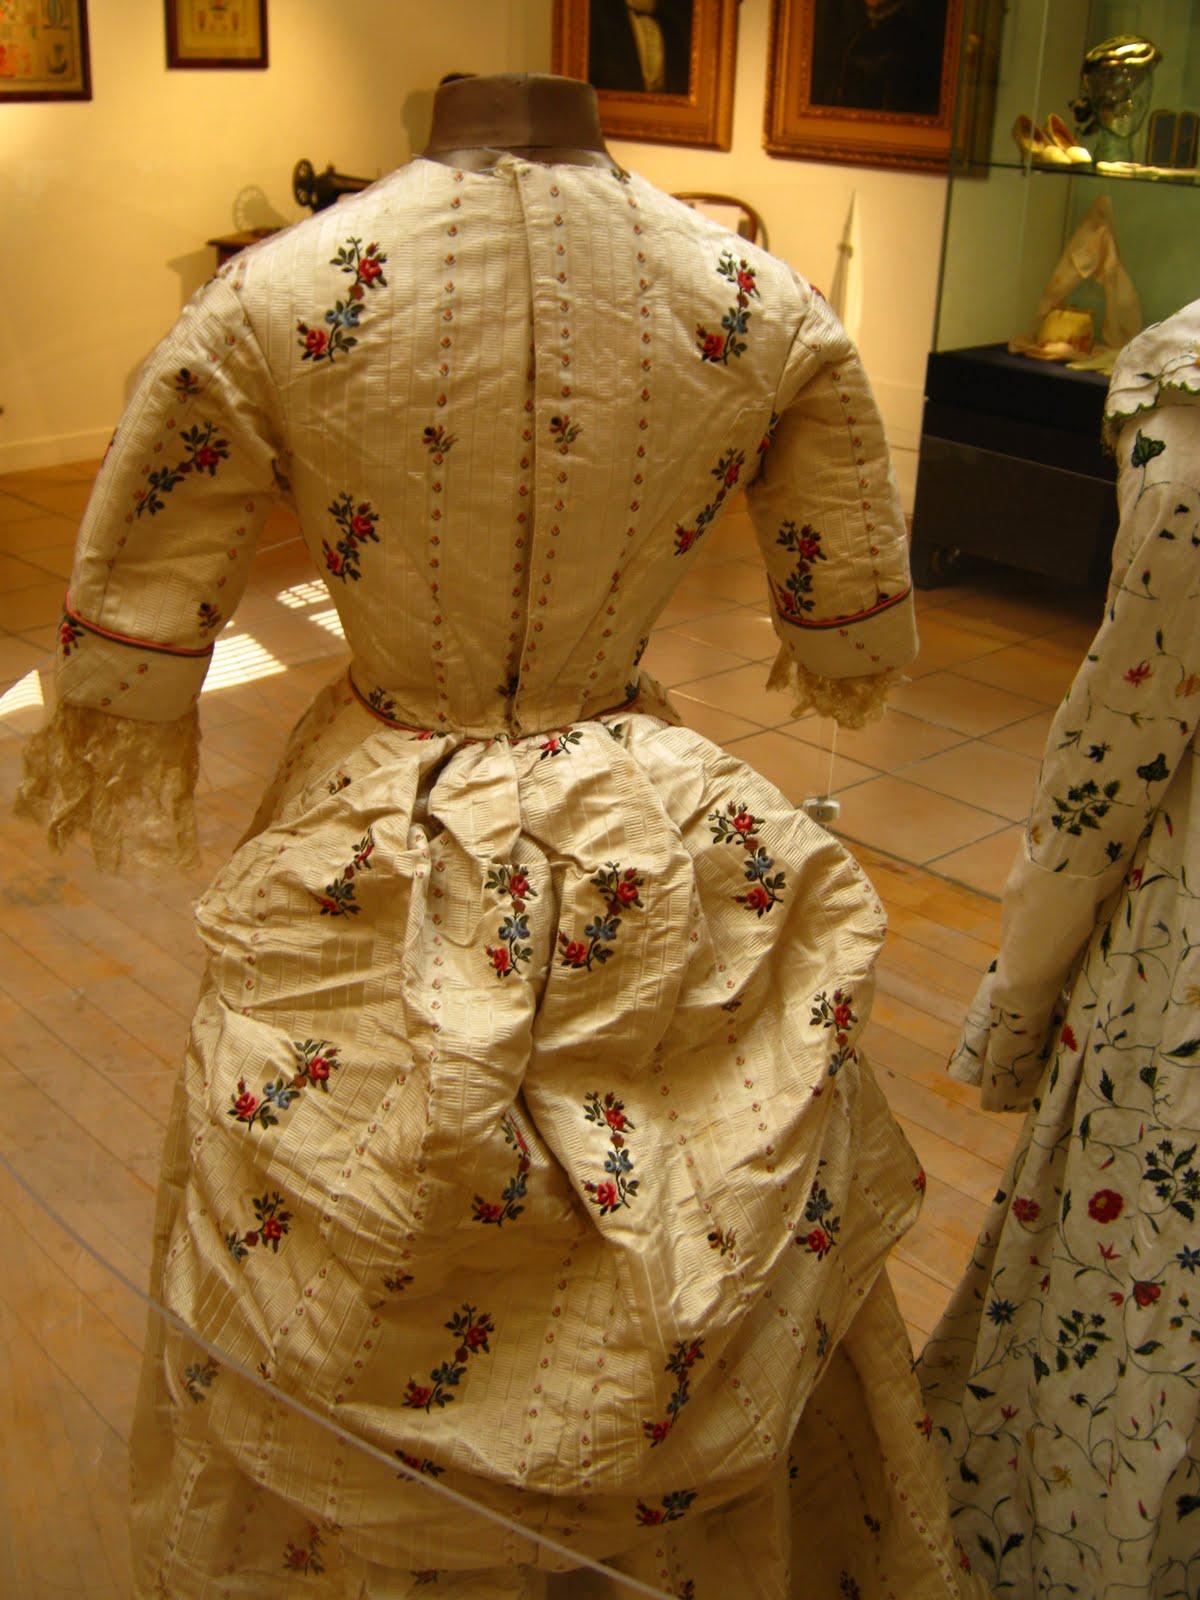 A SPITALFIELDS SILK DRESS WITH A POLONAISE BUSTLE